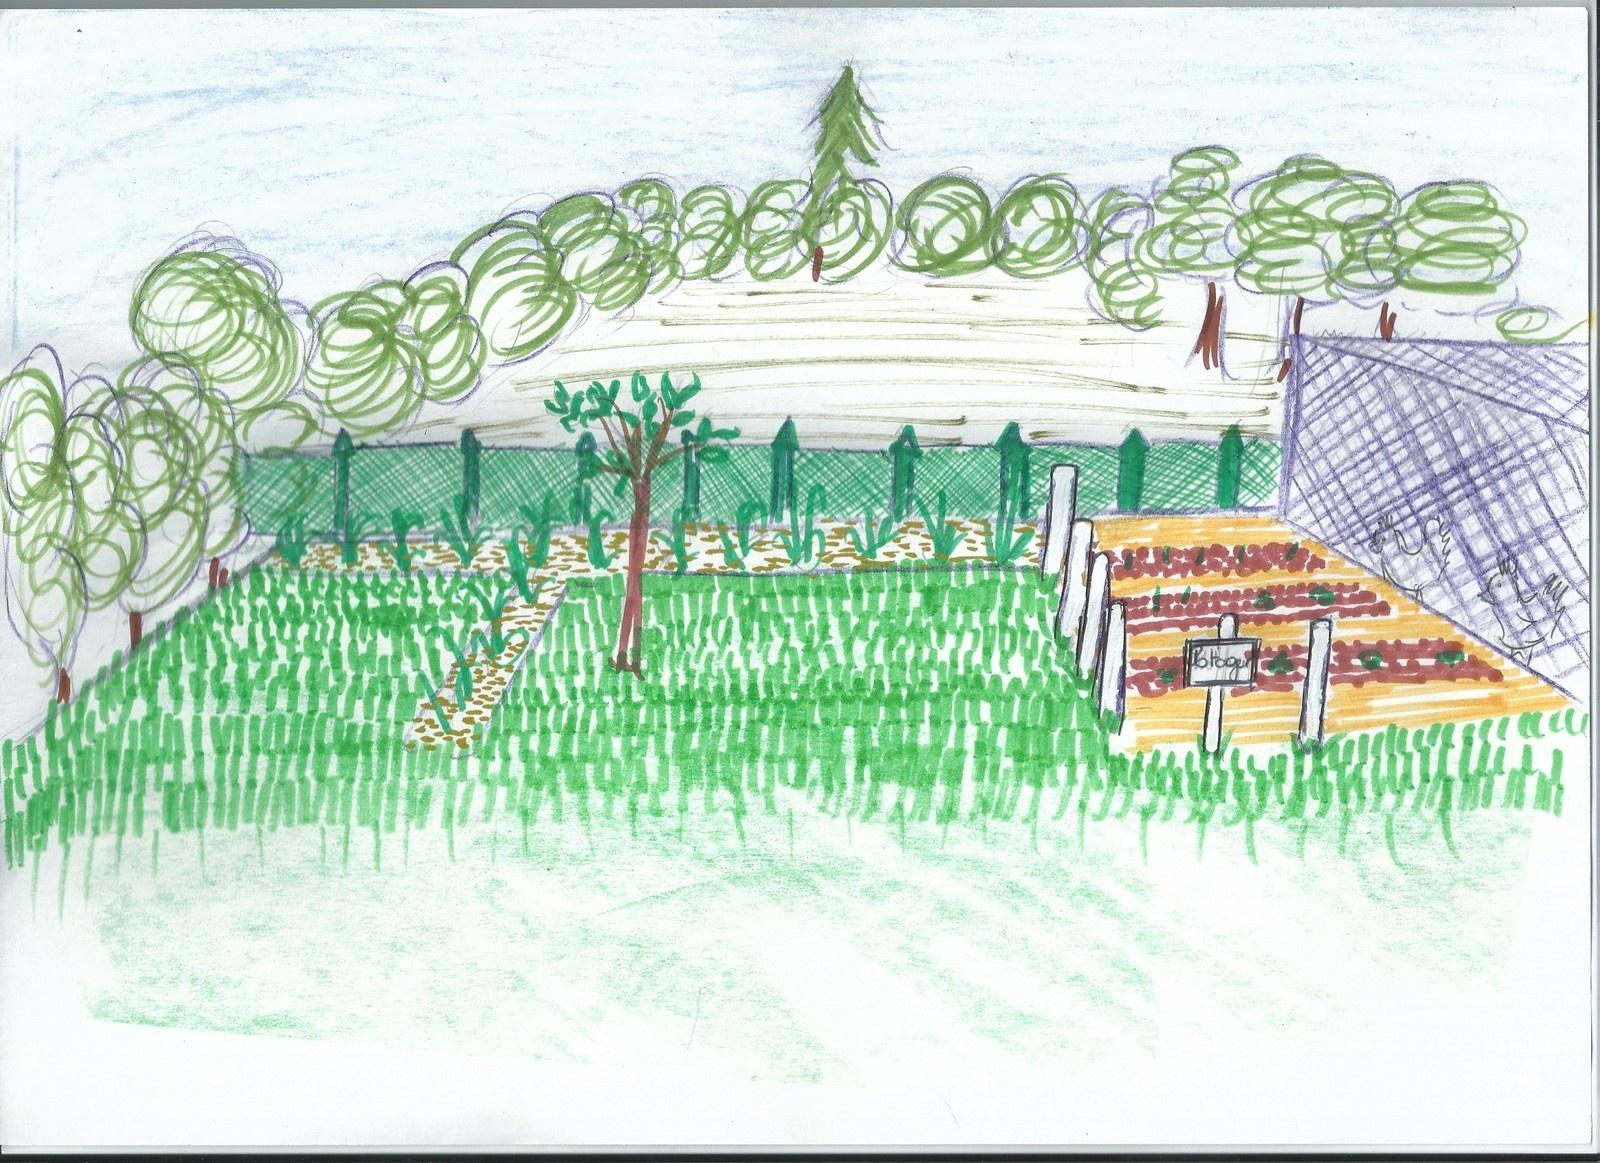 Idée Jardin : Délimitation Du Potager - Ma Maison Vivre Ici dedans Delimitation Jardin